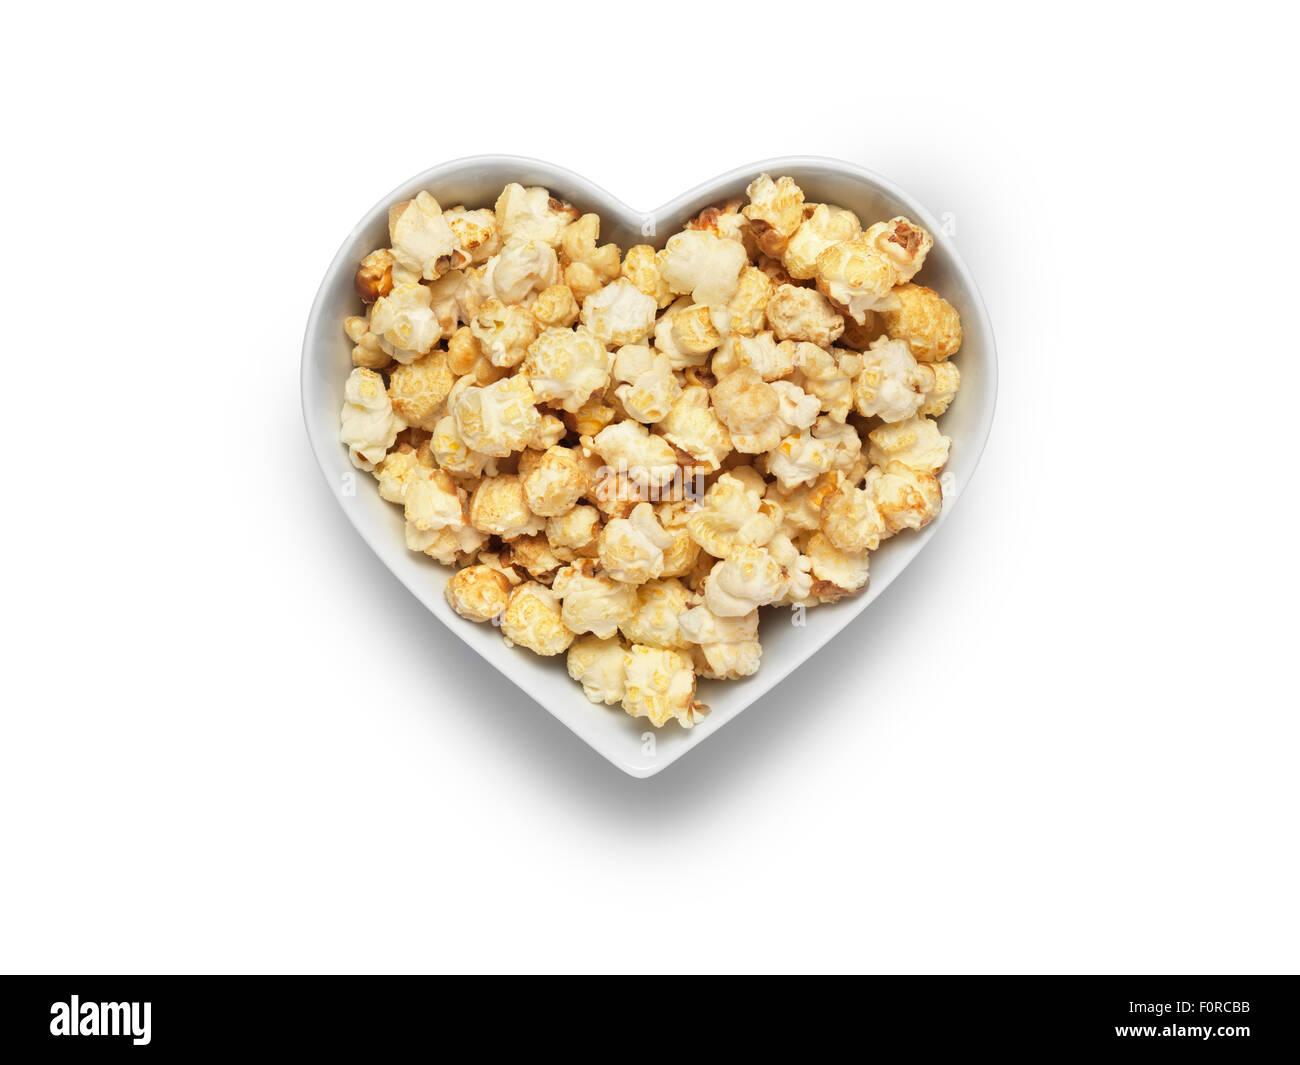 Colpo di stile cinema popcorn in un cuore ciotola sagomata isolata su uno sfondo bianco con un tracciato di ritaglio e copia dello spazio per la d Foto Stock